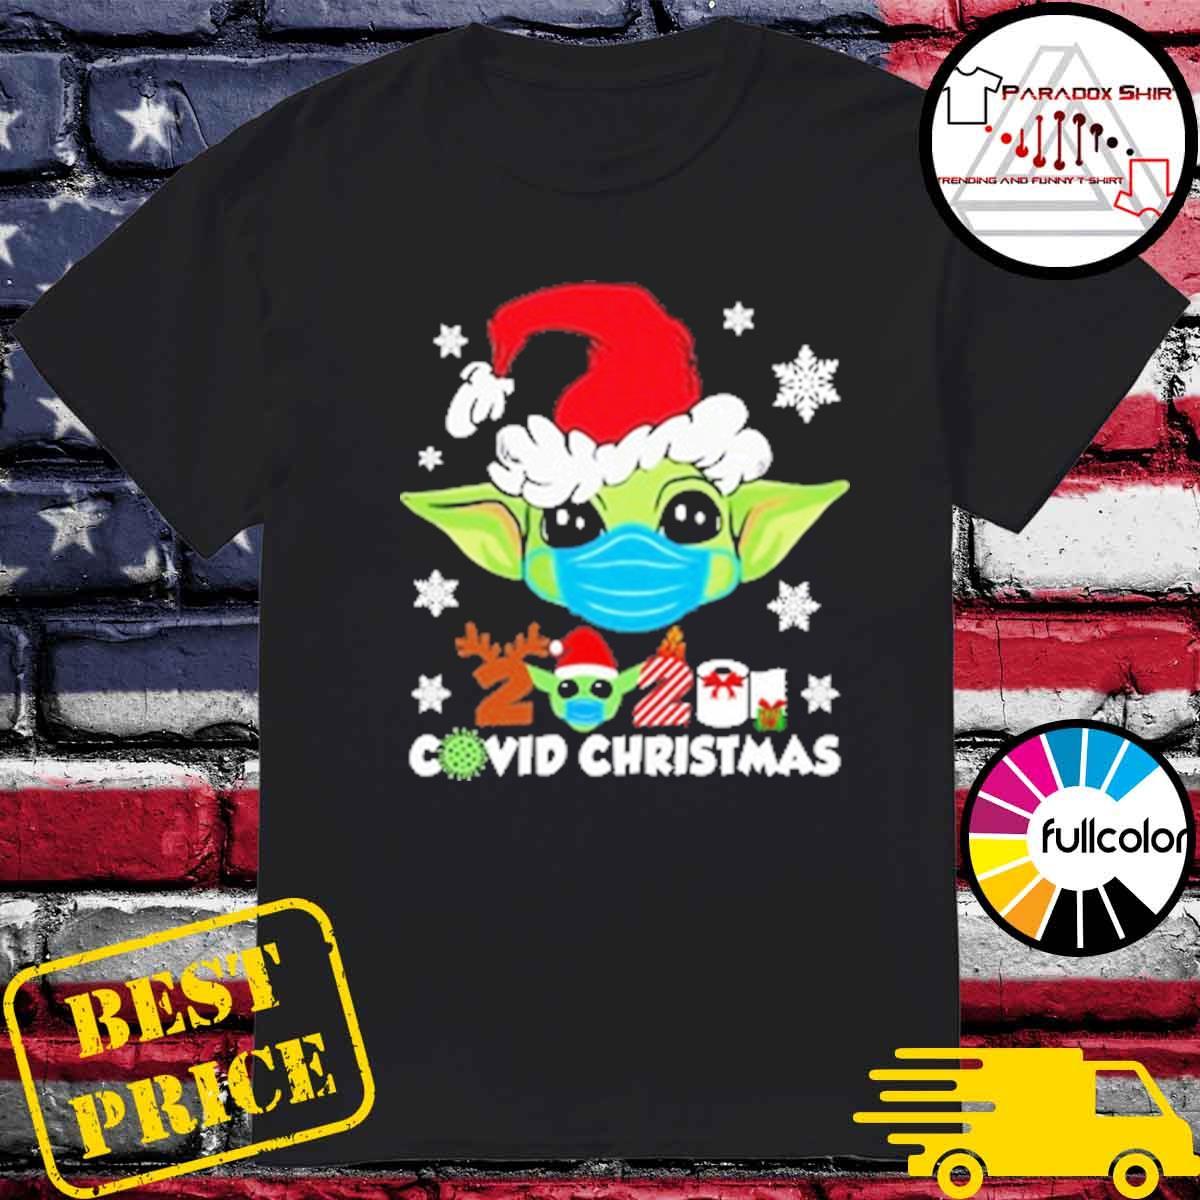 Official Santa Baby Yoda face mask 2020 Covid Christmas shirt